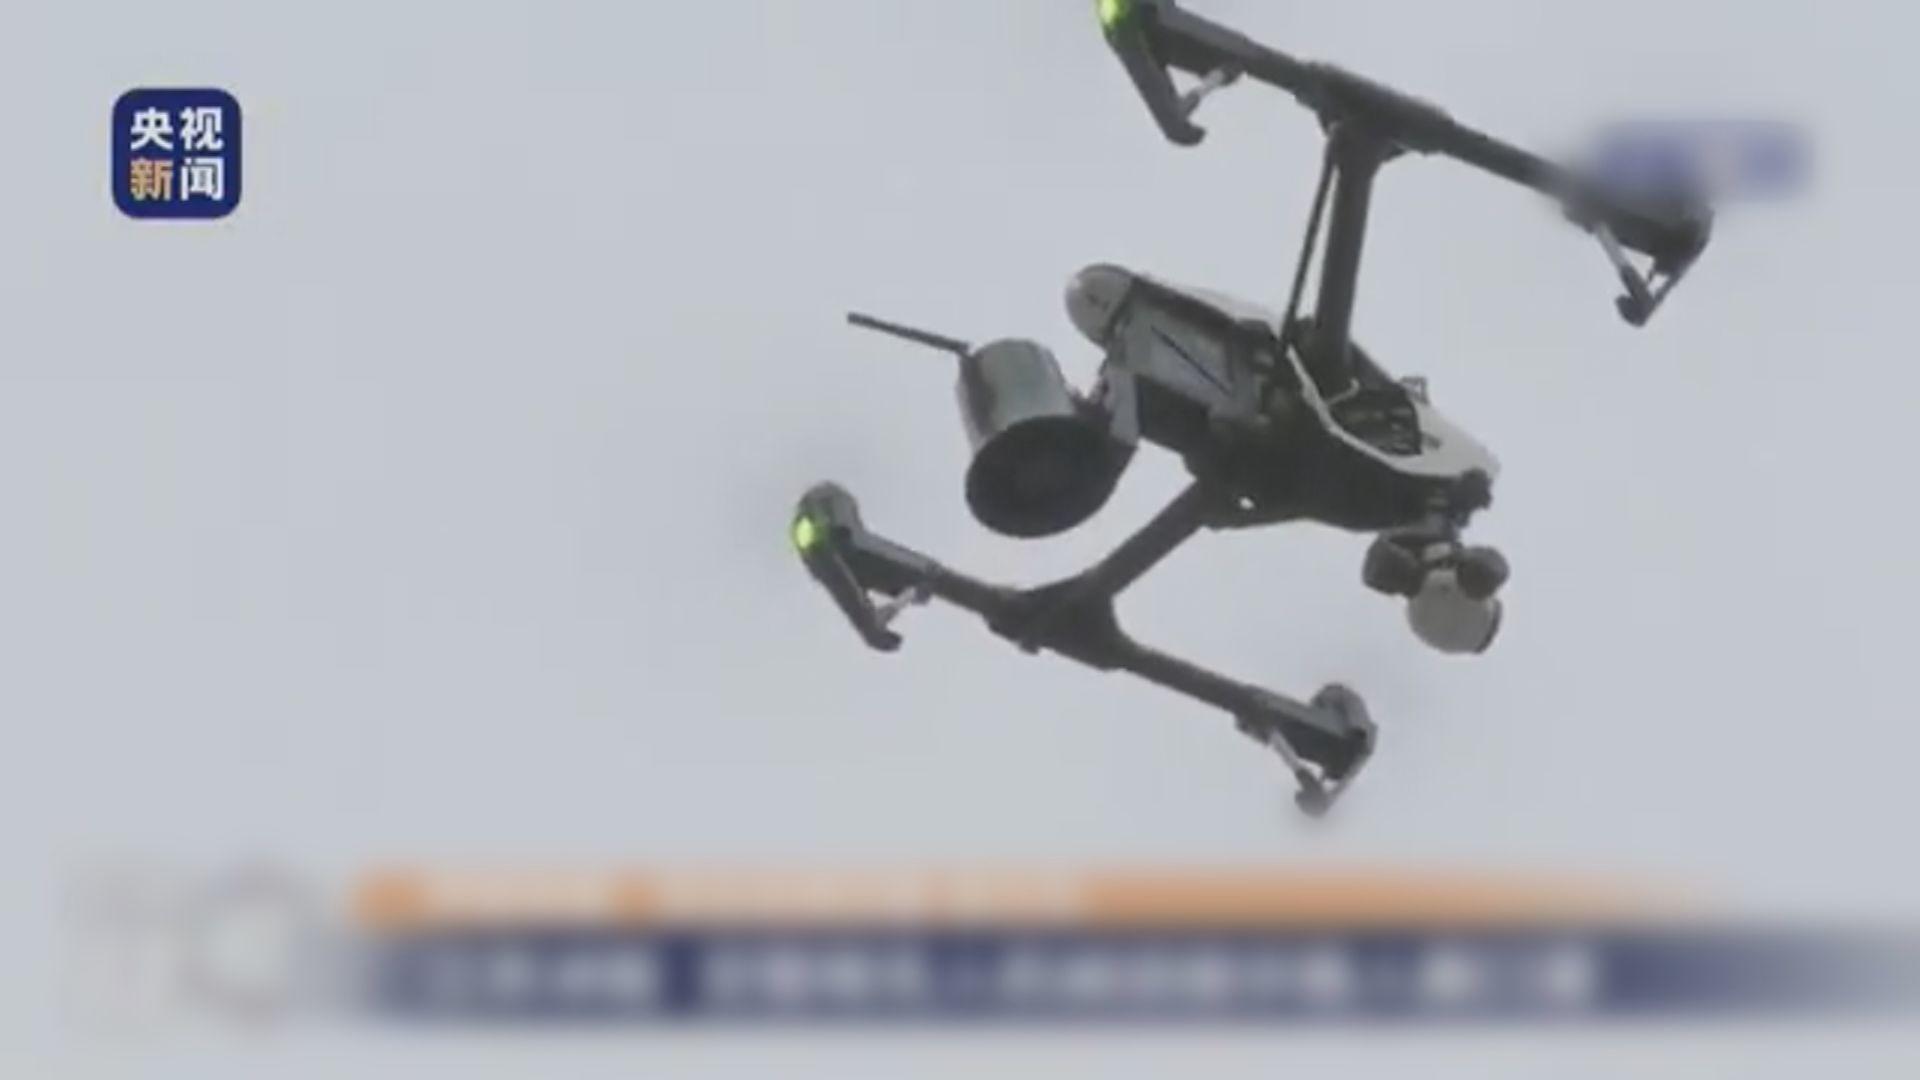 江蘇交警用無人機擴播呼籲民眾戴口罩